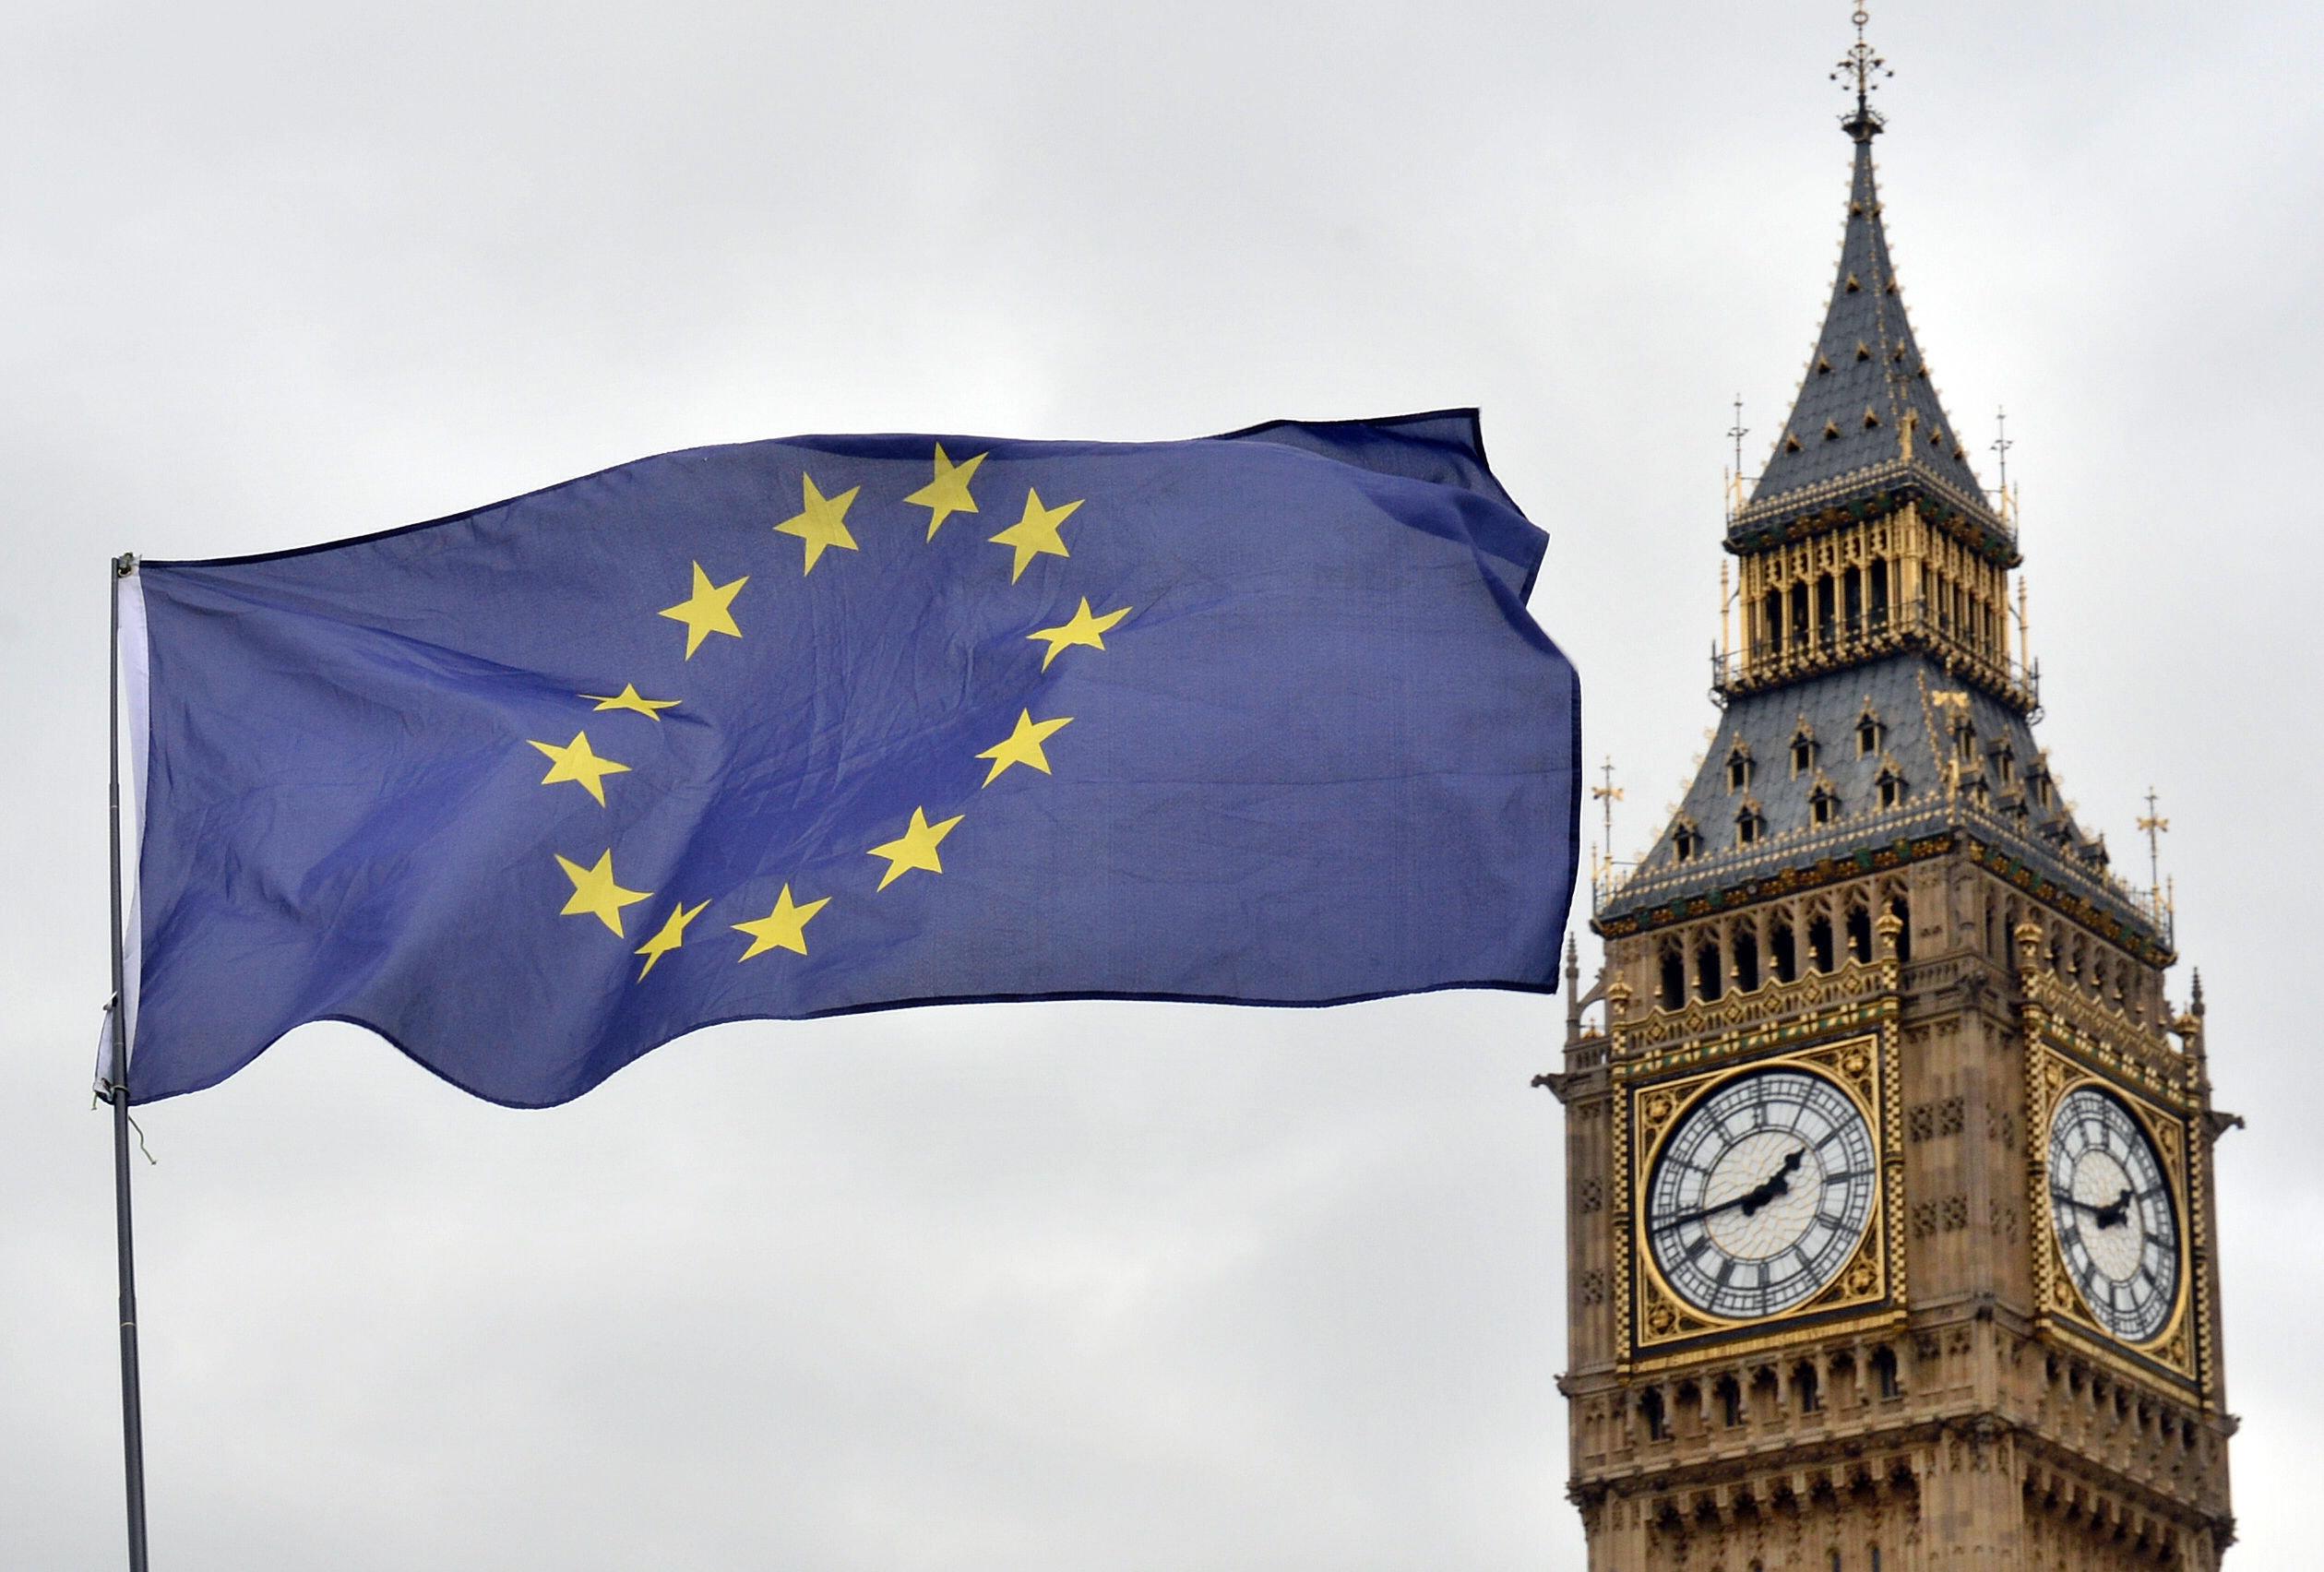 U.K. Minister Phillip Lee Resigns Ahead of Brexit Bill Showdown